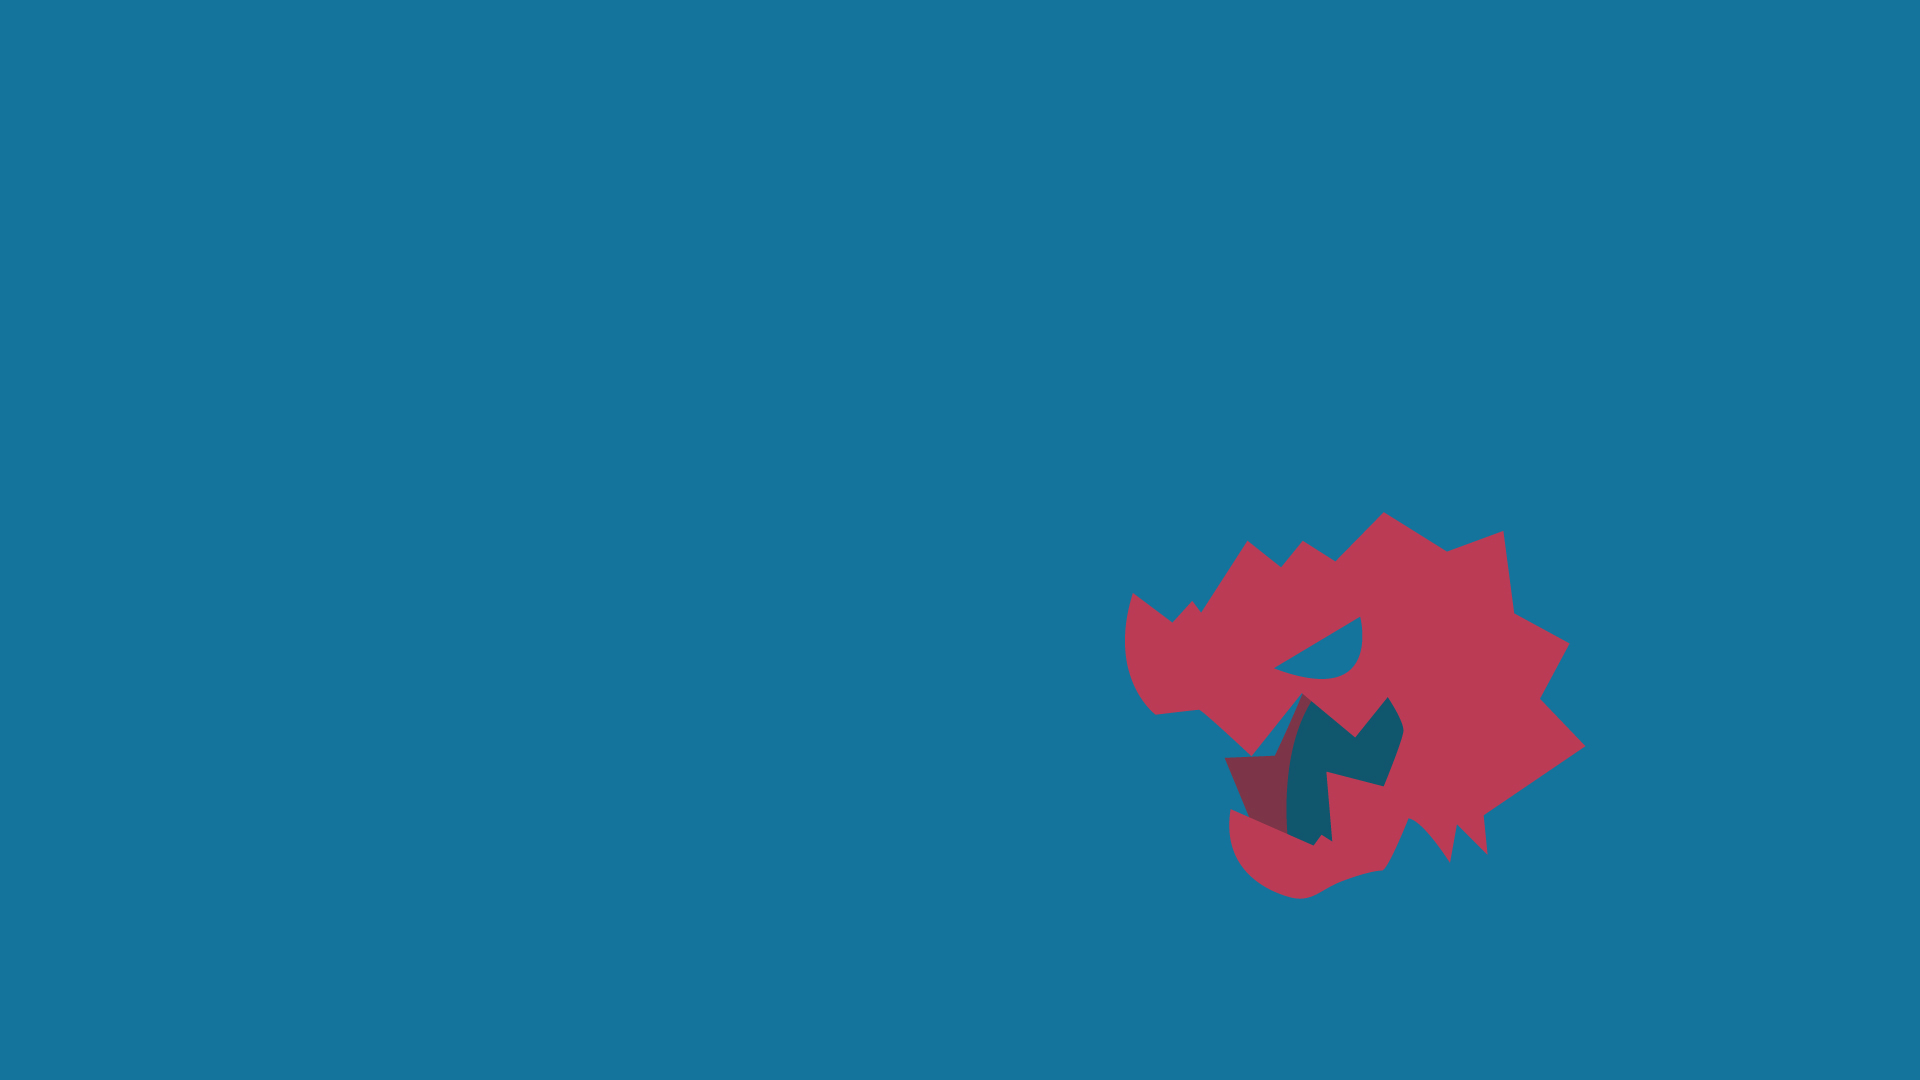 Druddigon Wallpaper 48491 1920x1080px 1920x1080